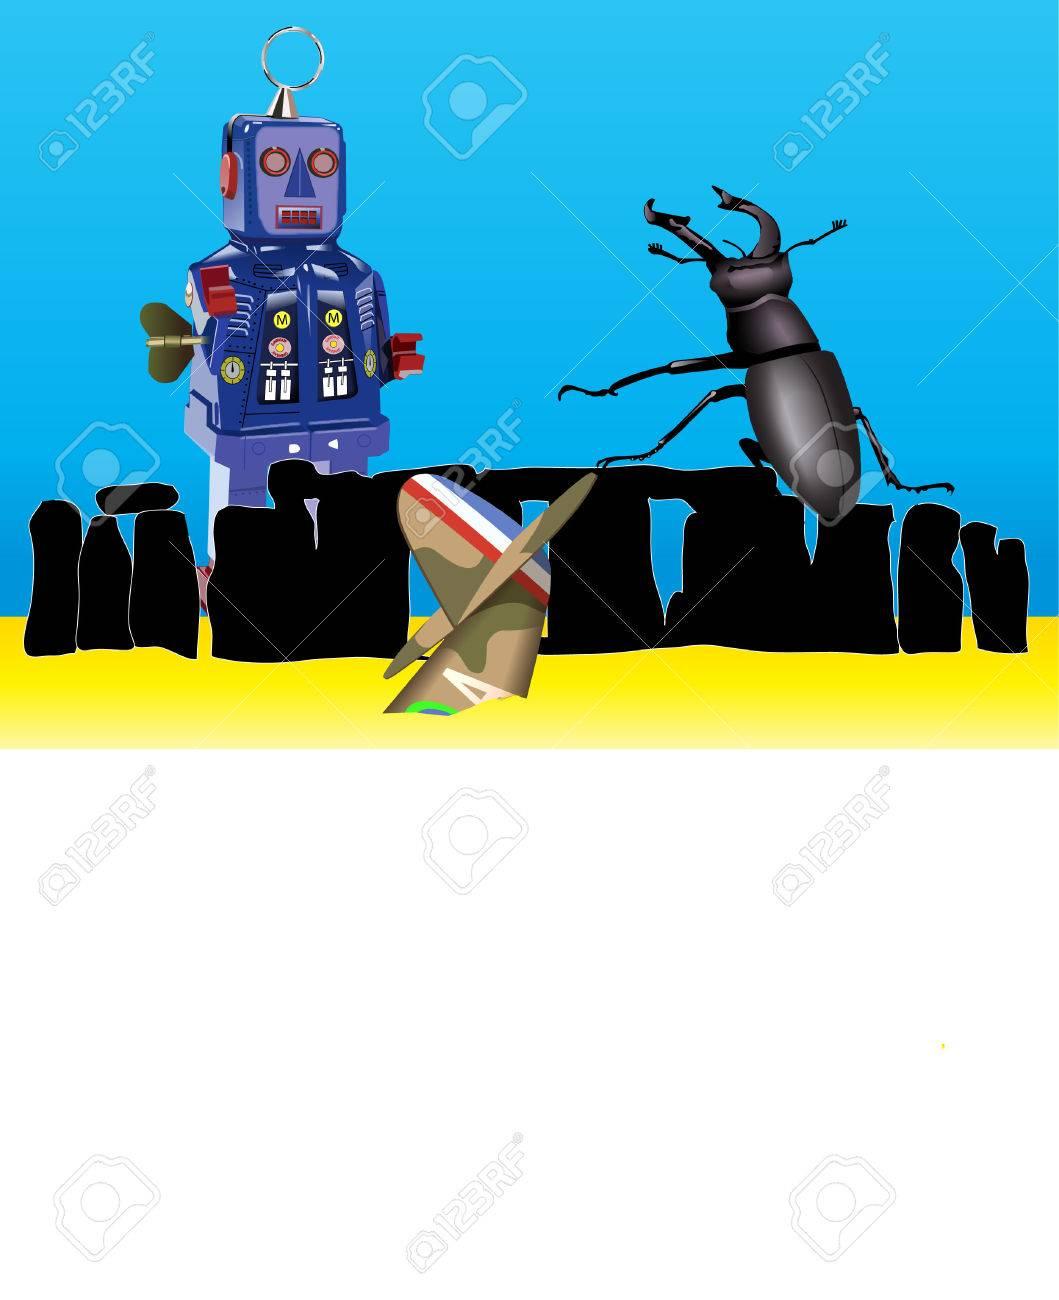 世界の終わりのイラスト素材ベクタ Image 27666372